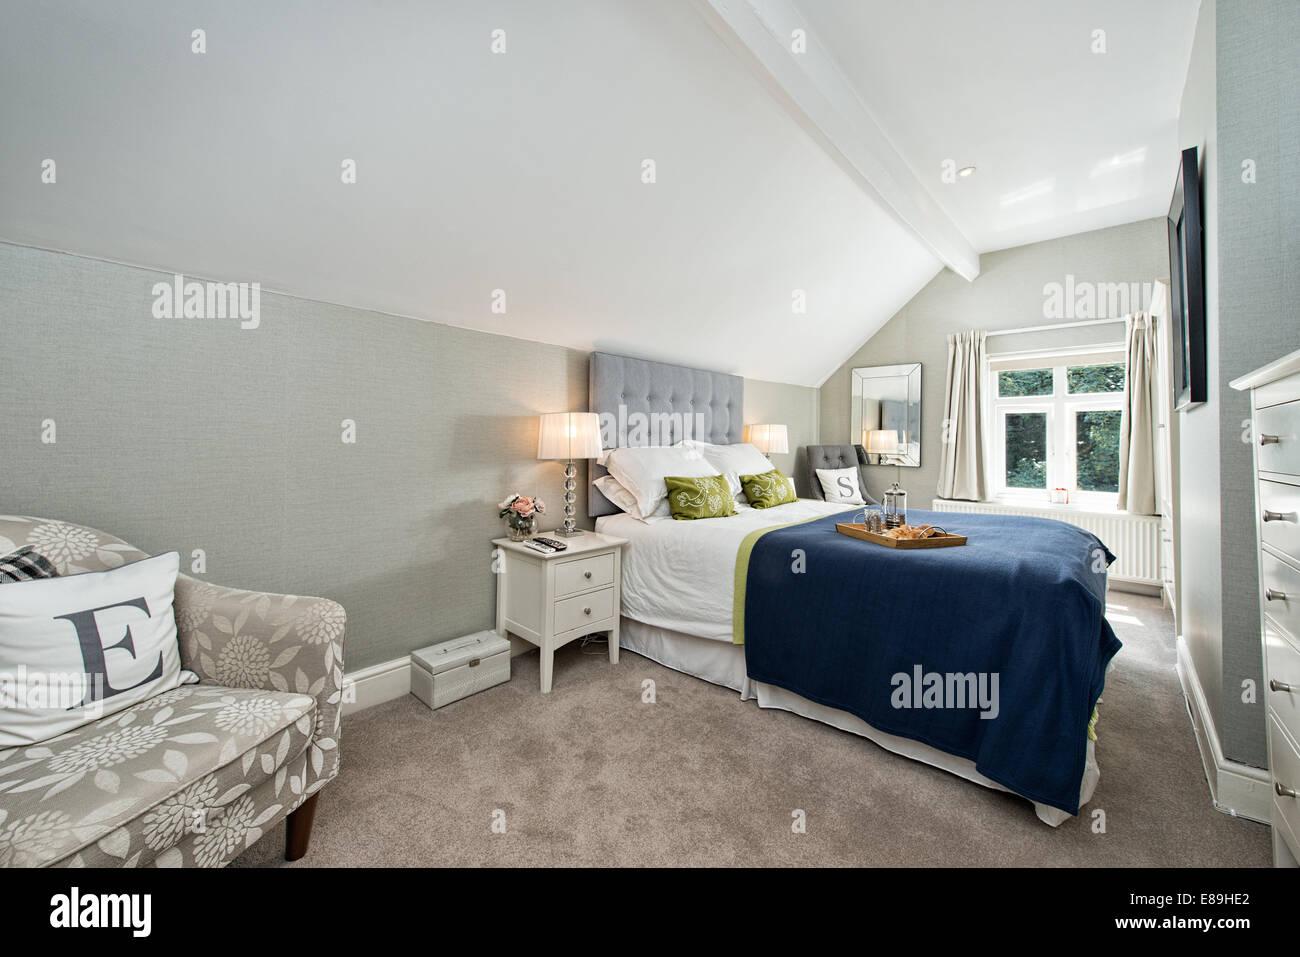 La prima colazione a letto in un contemporaneo confortevole camera matrimoniale arredata in colori blu e grigio Immagini Stock